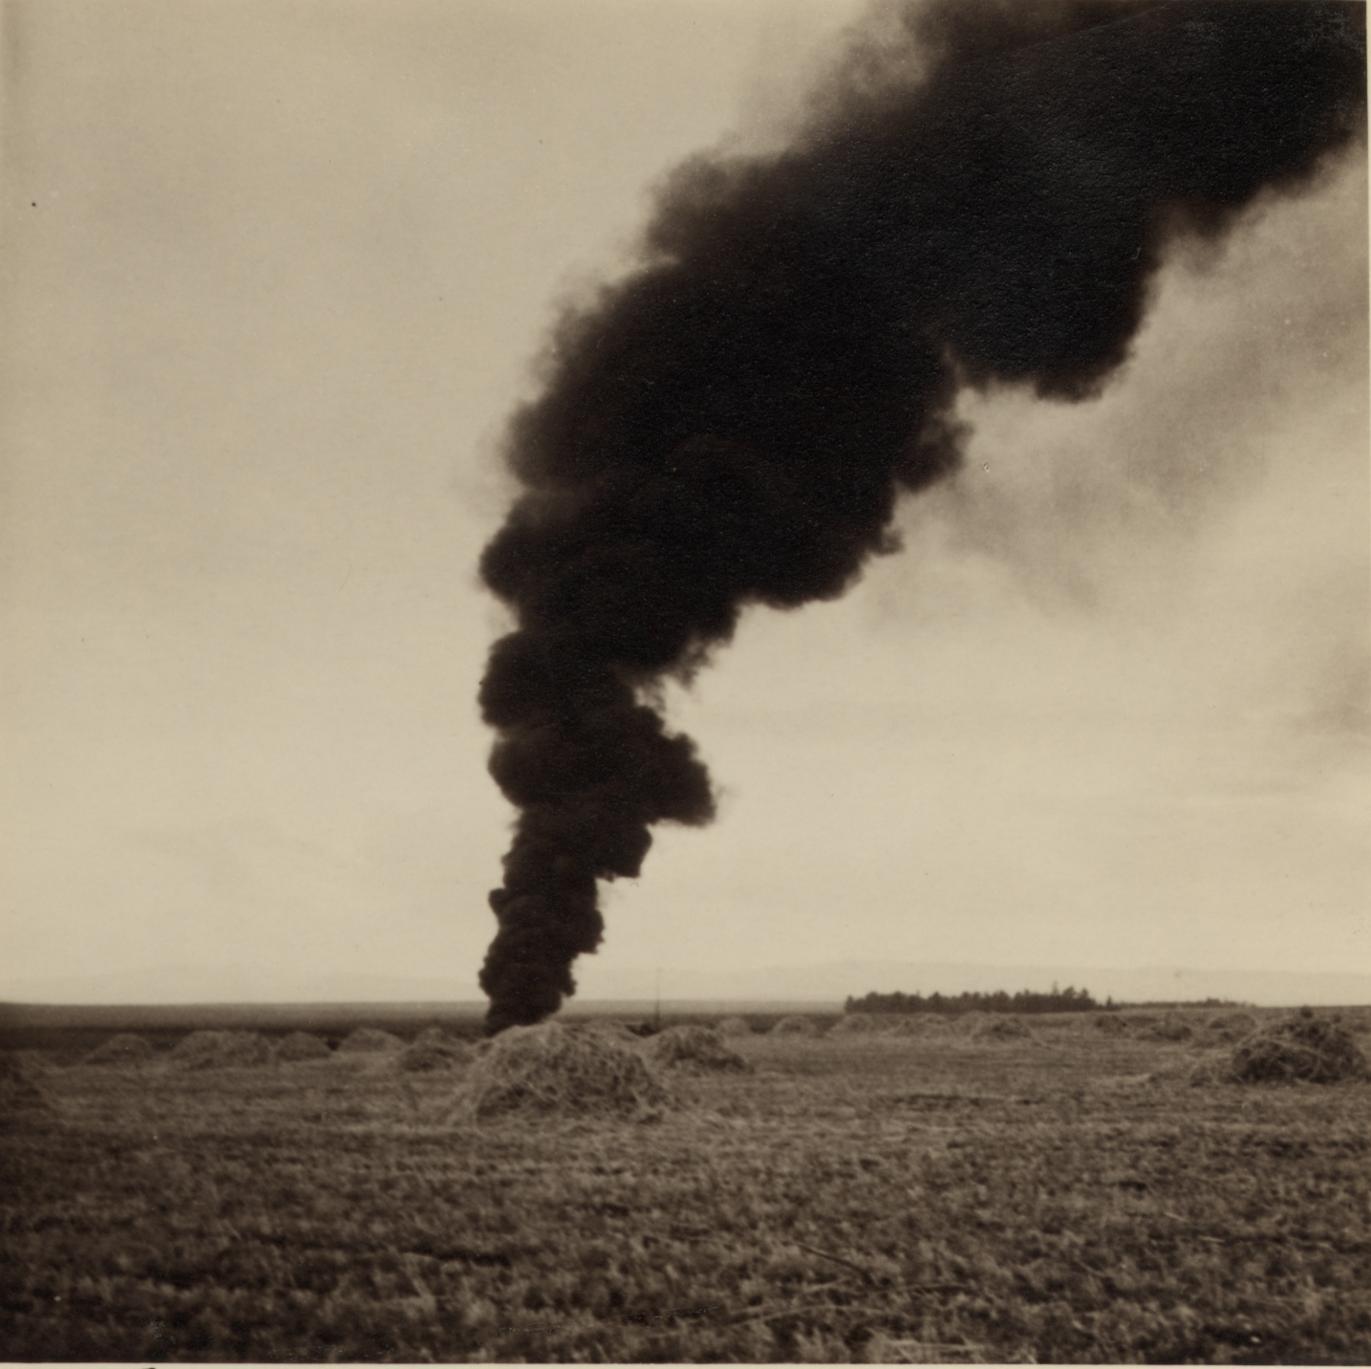 15 апреля. Нефтепровод МПК возле Афулы загорелся на рассвете